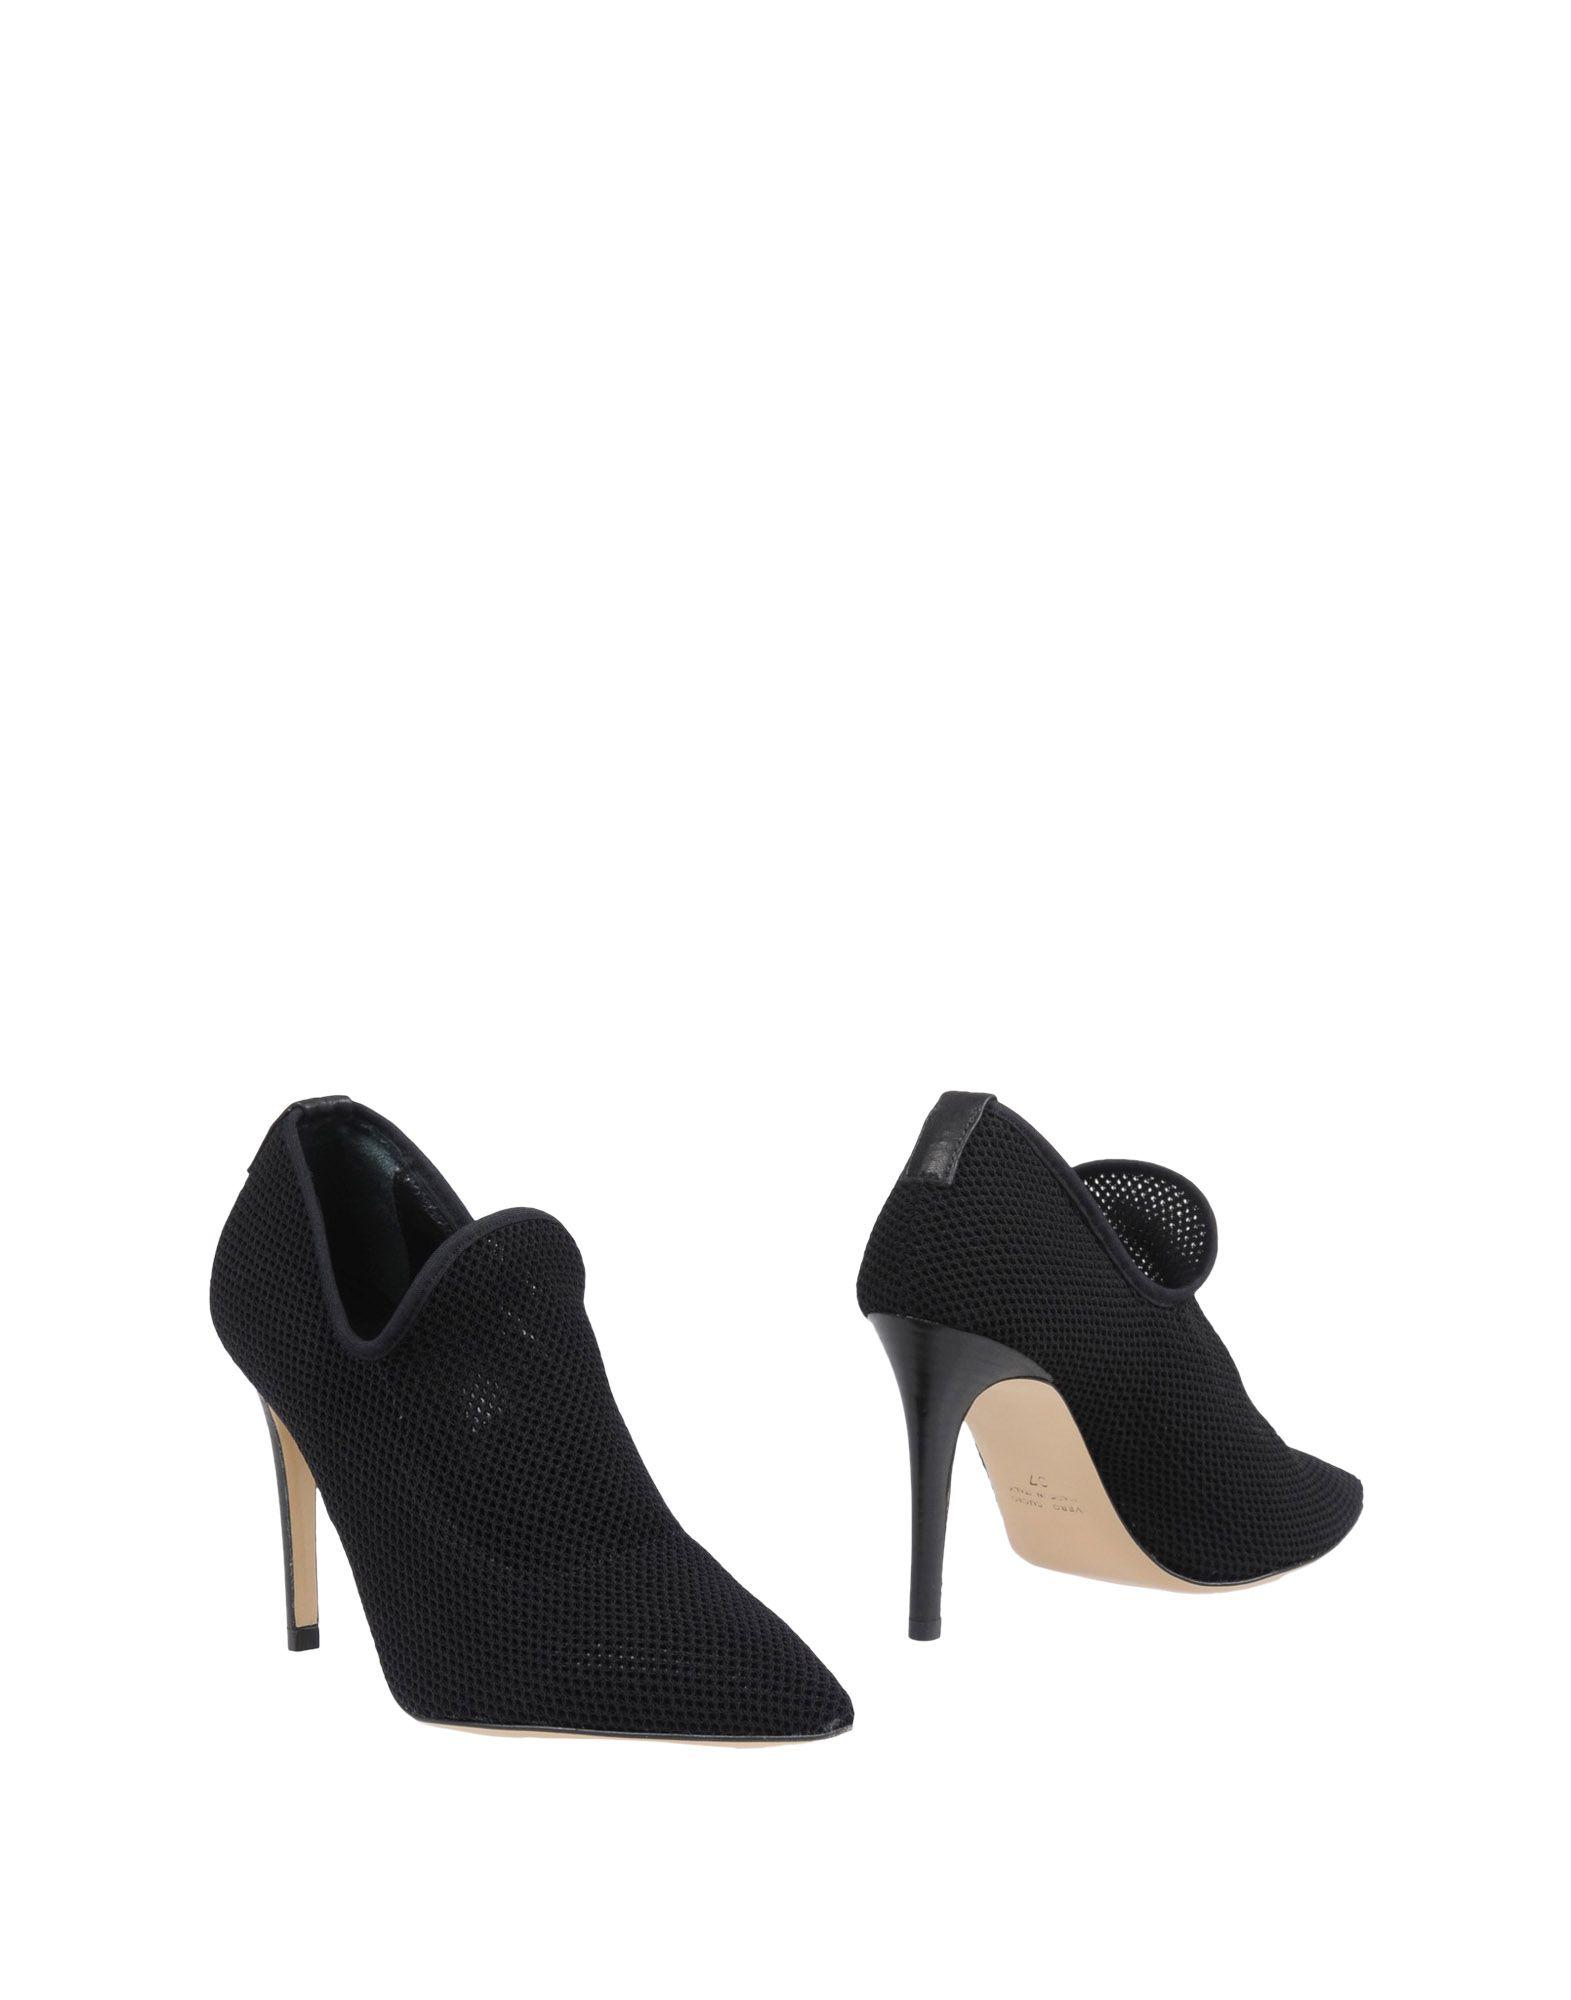 Strategia Stiefelette Damen  11424488HX Gute Qualität beliebte Schuhe